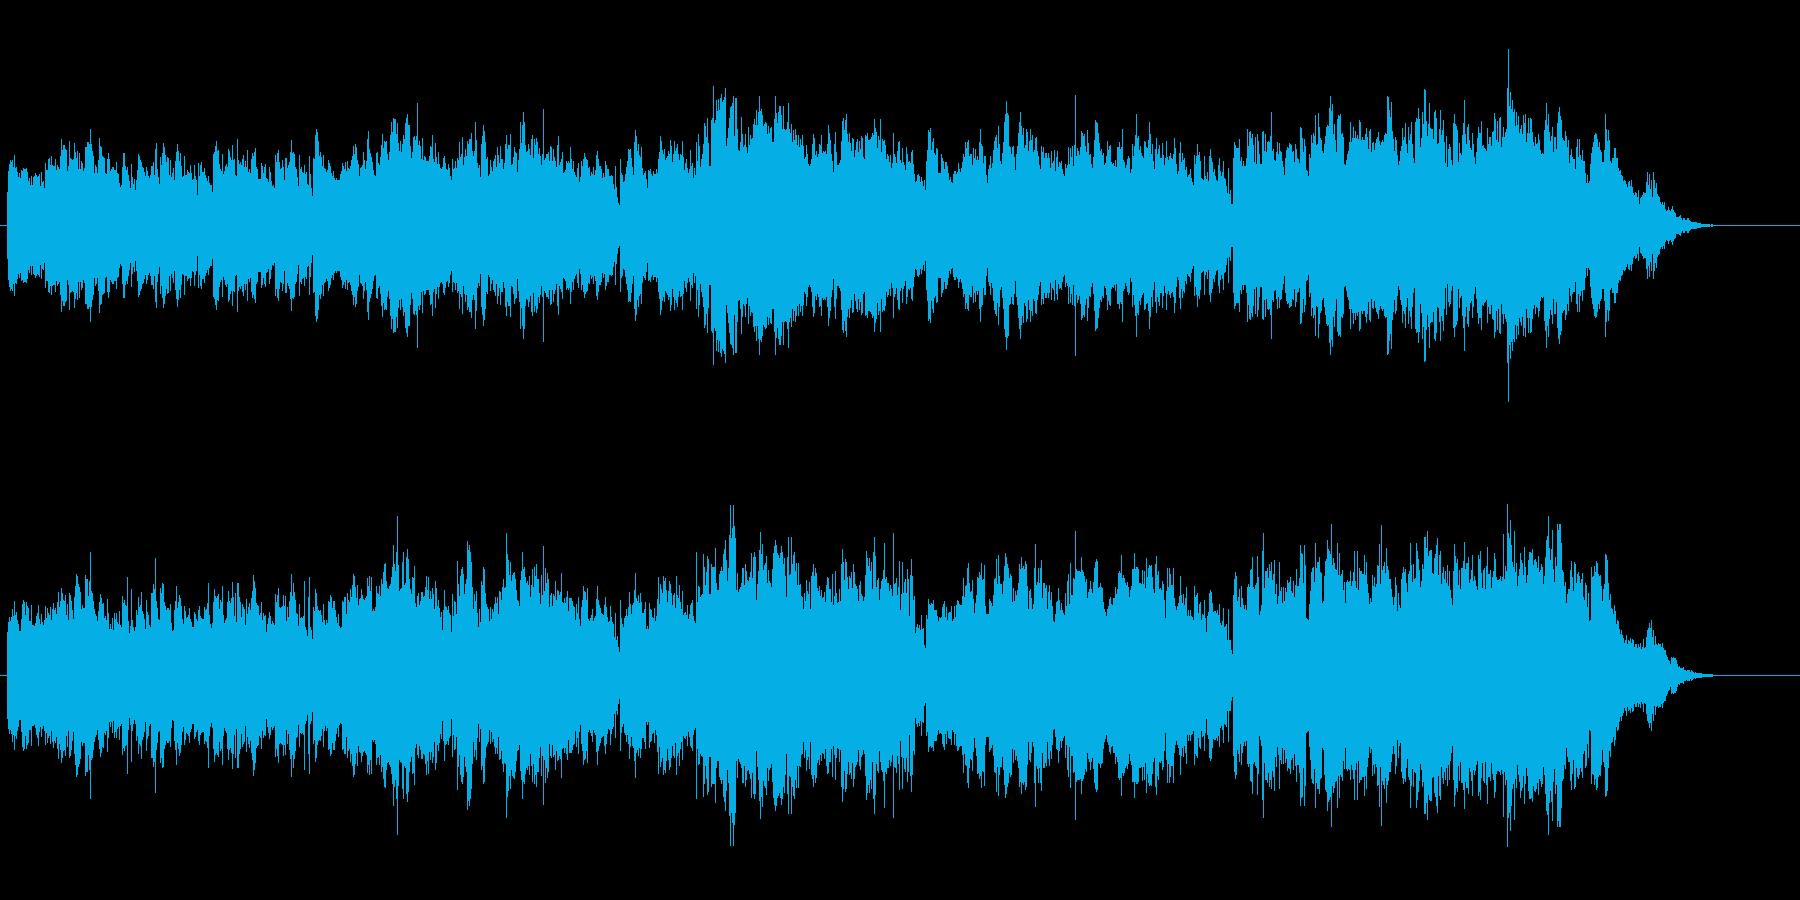 上品なボレロ風サウンドの再生済みの波形